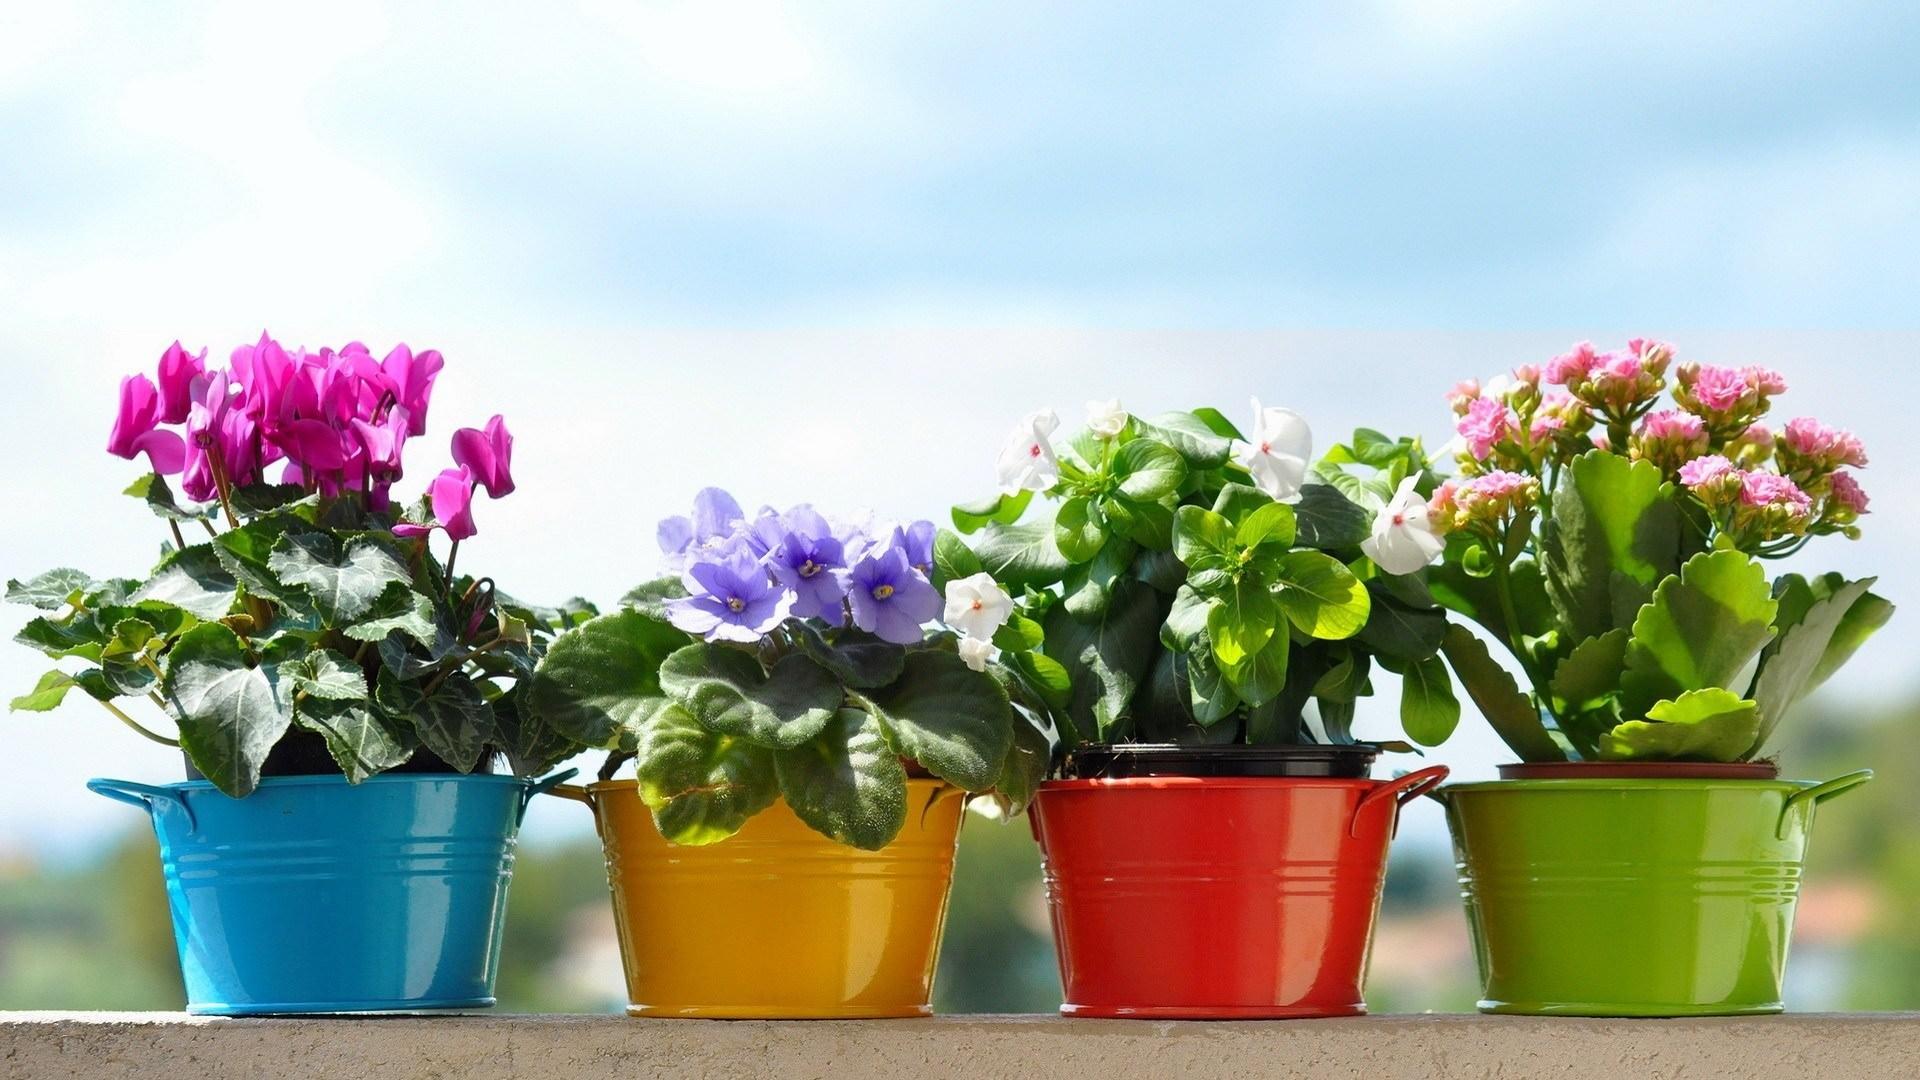 Цветы в горшках на 8 марта купить подарок на 30 летие мужчине уфа